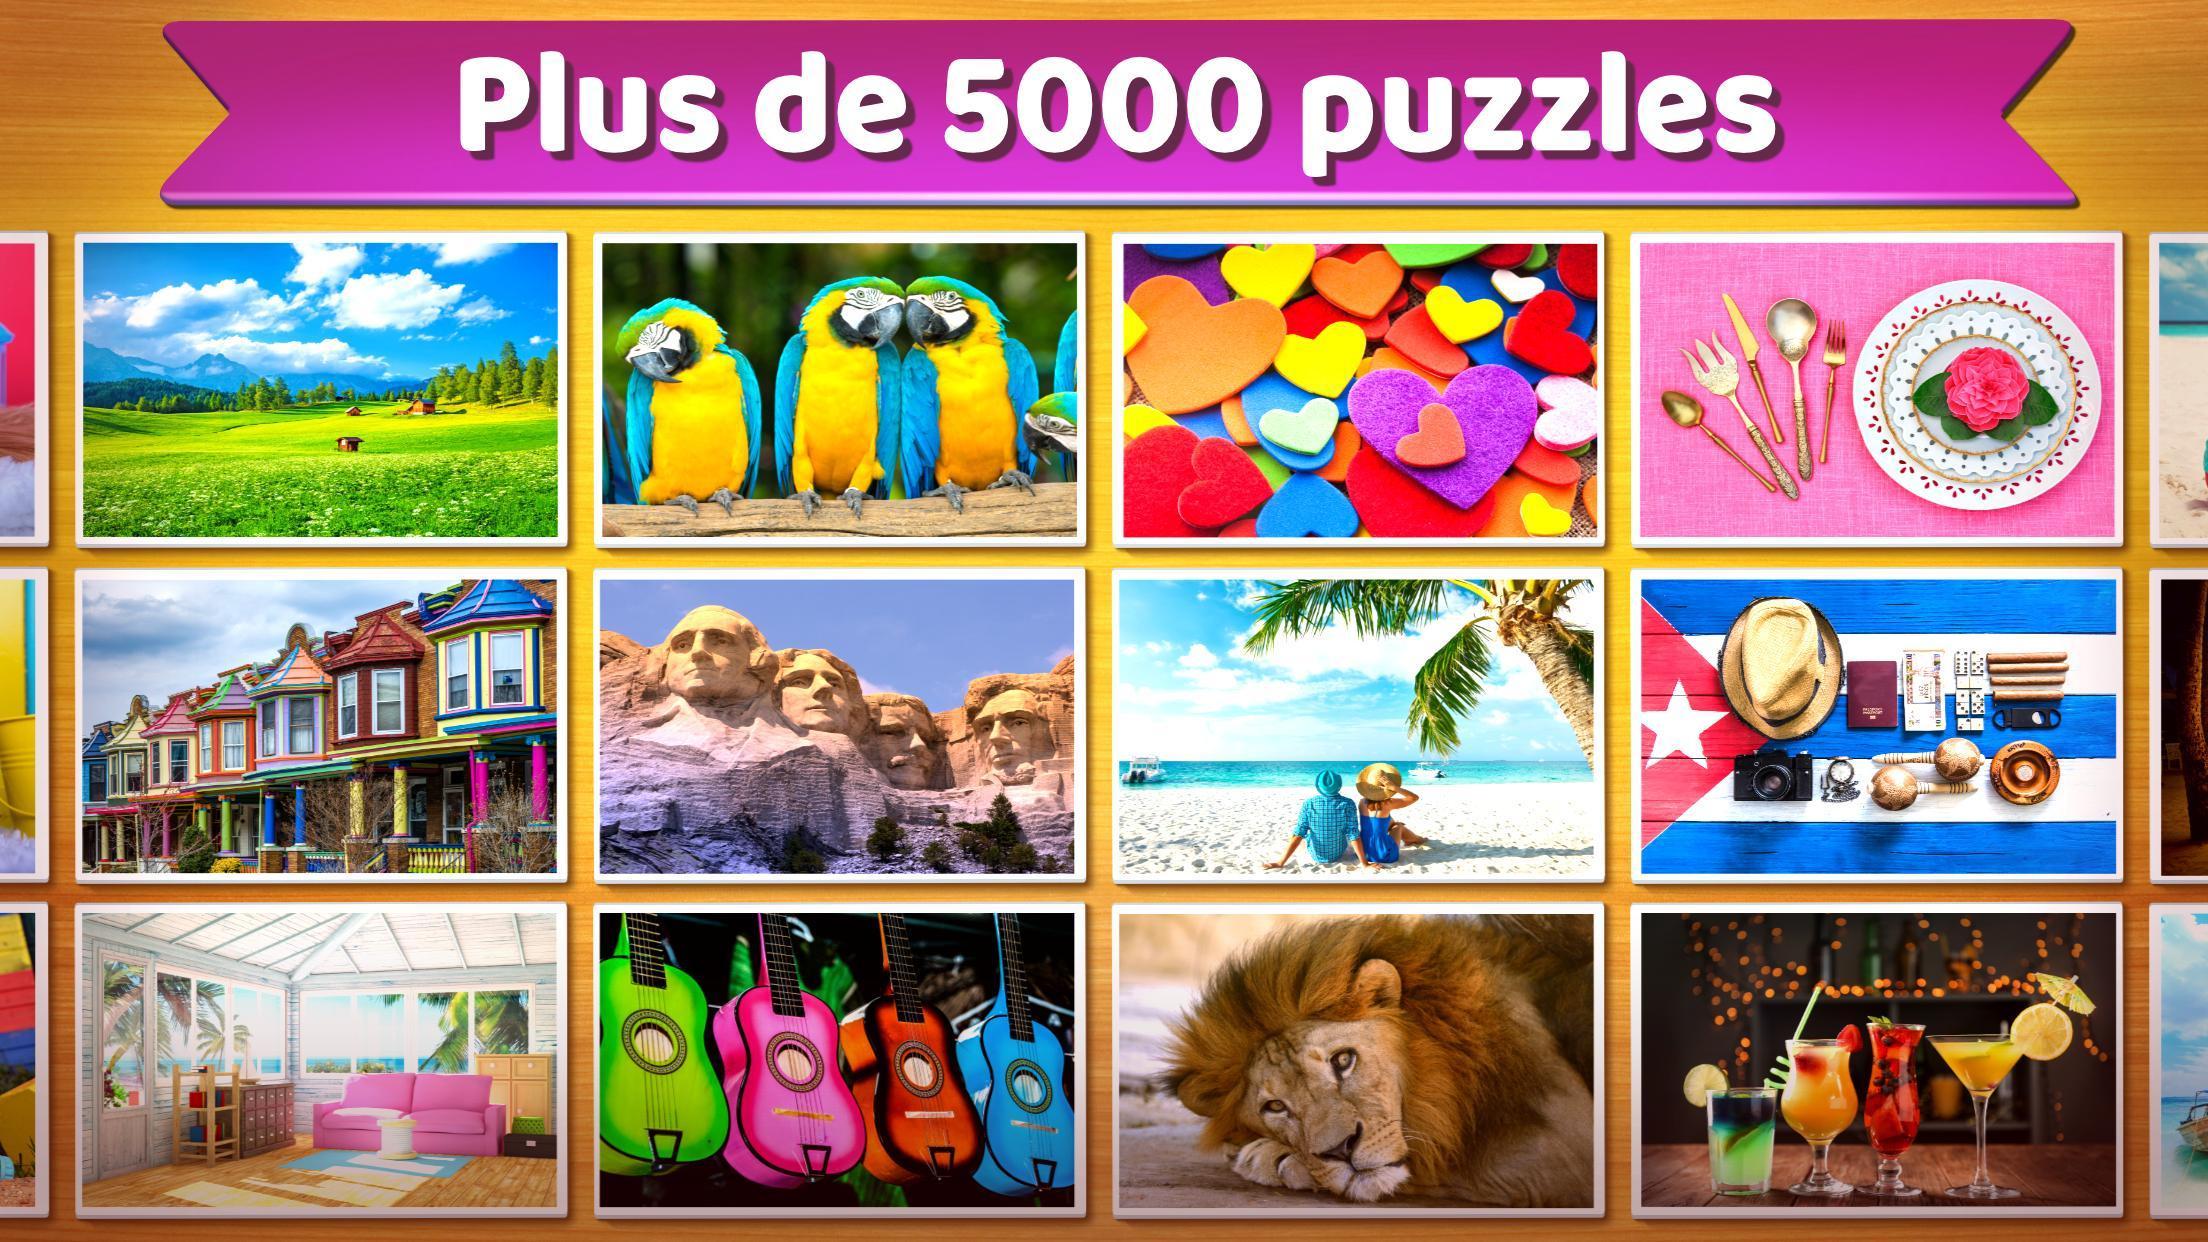 Puzzle 🧩 - Jeux De Puzzle Gratuit Pour Android à Jeu De Puzzl Gratuit